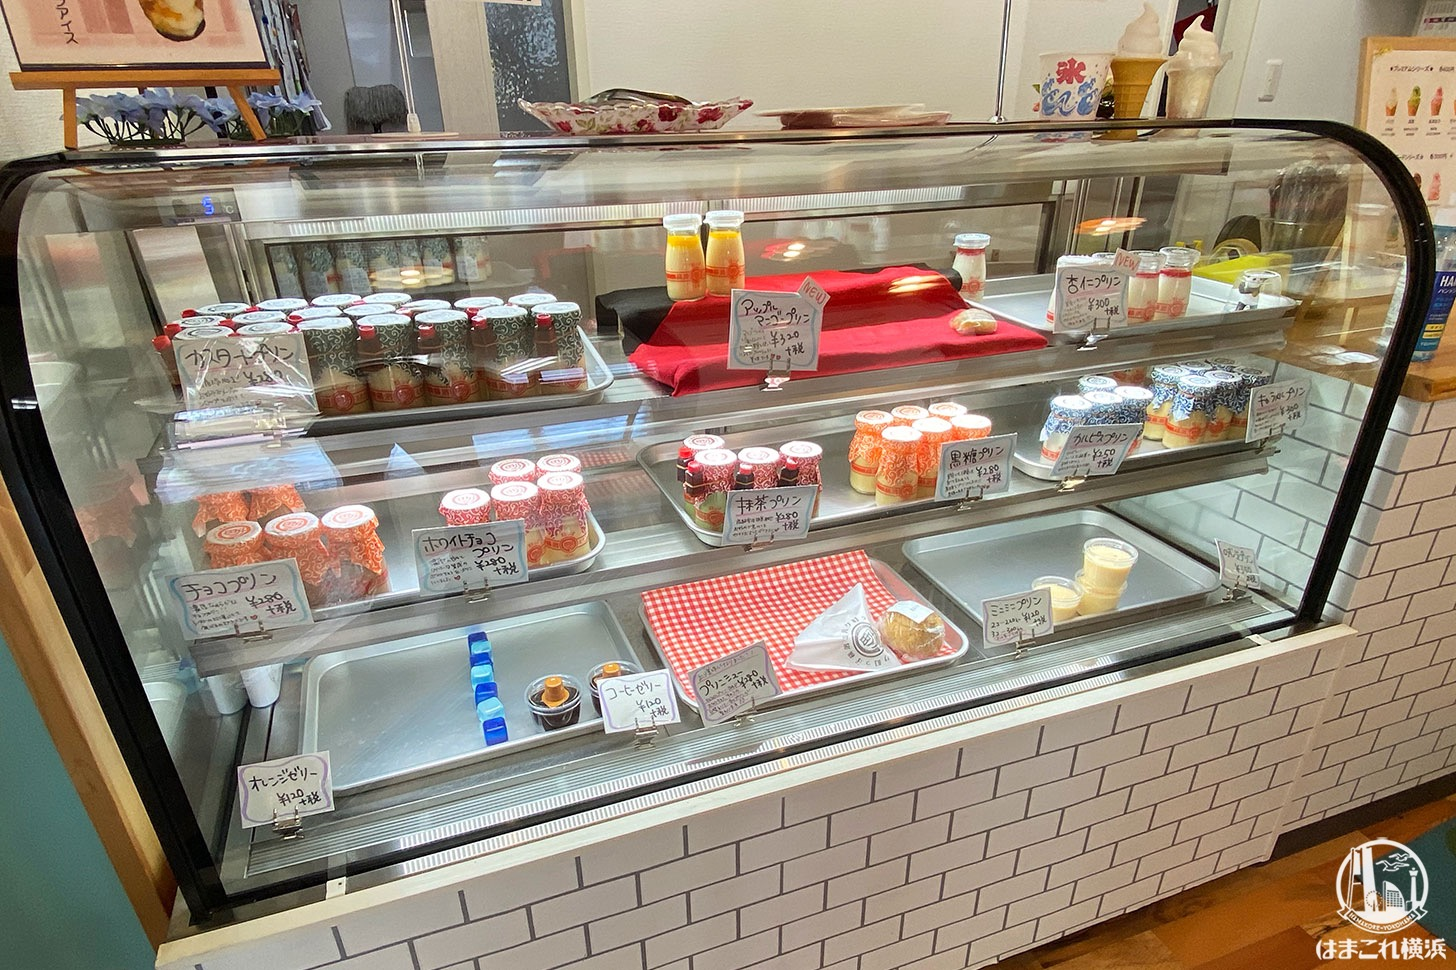 プリン専門店「横濱ミルク 町っ子」各種プリン